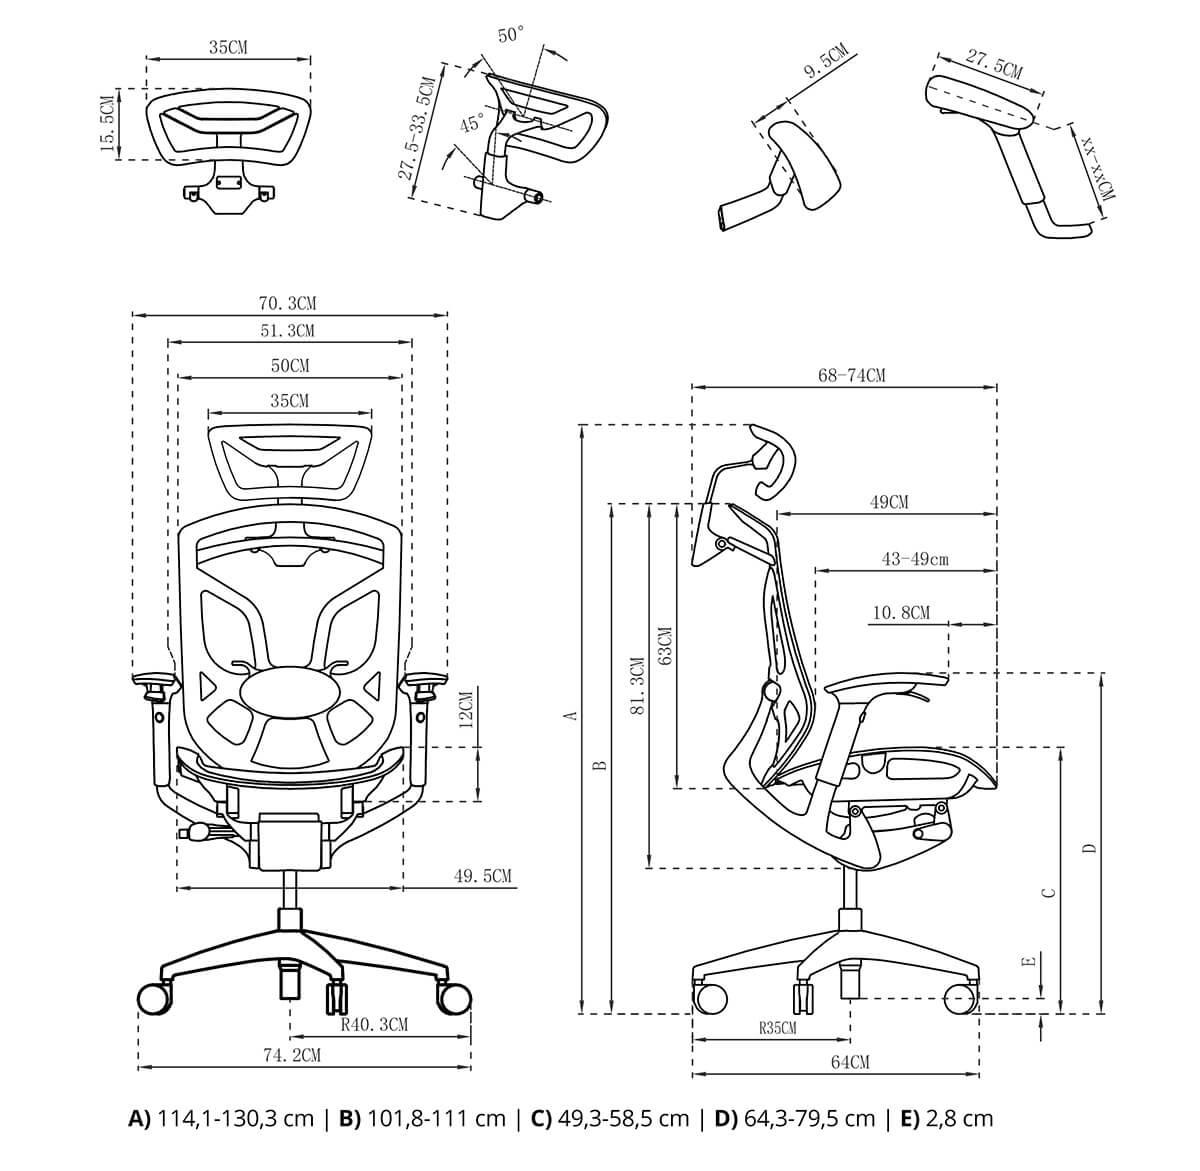 Ergonomiczny fotel spacetronik ergoline rysunek techniczny budowa opis krzesła